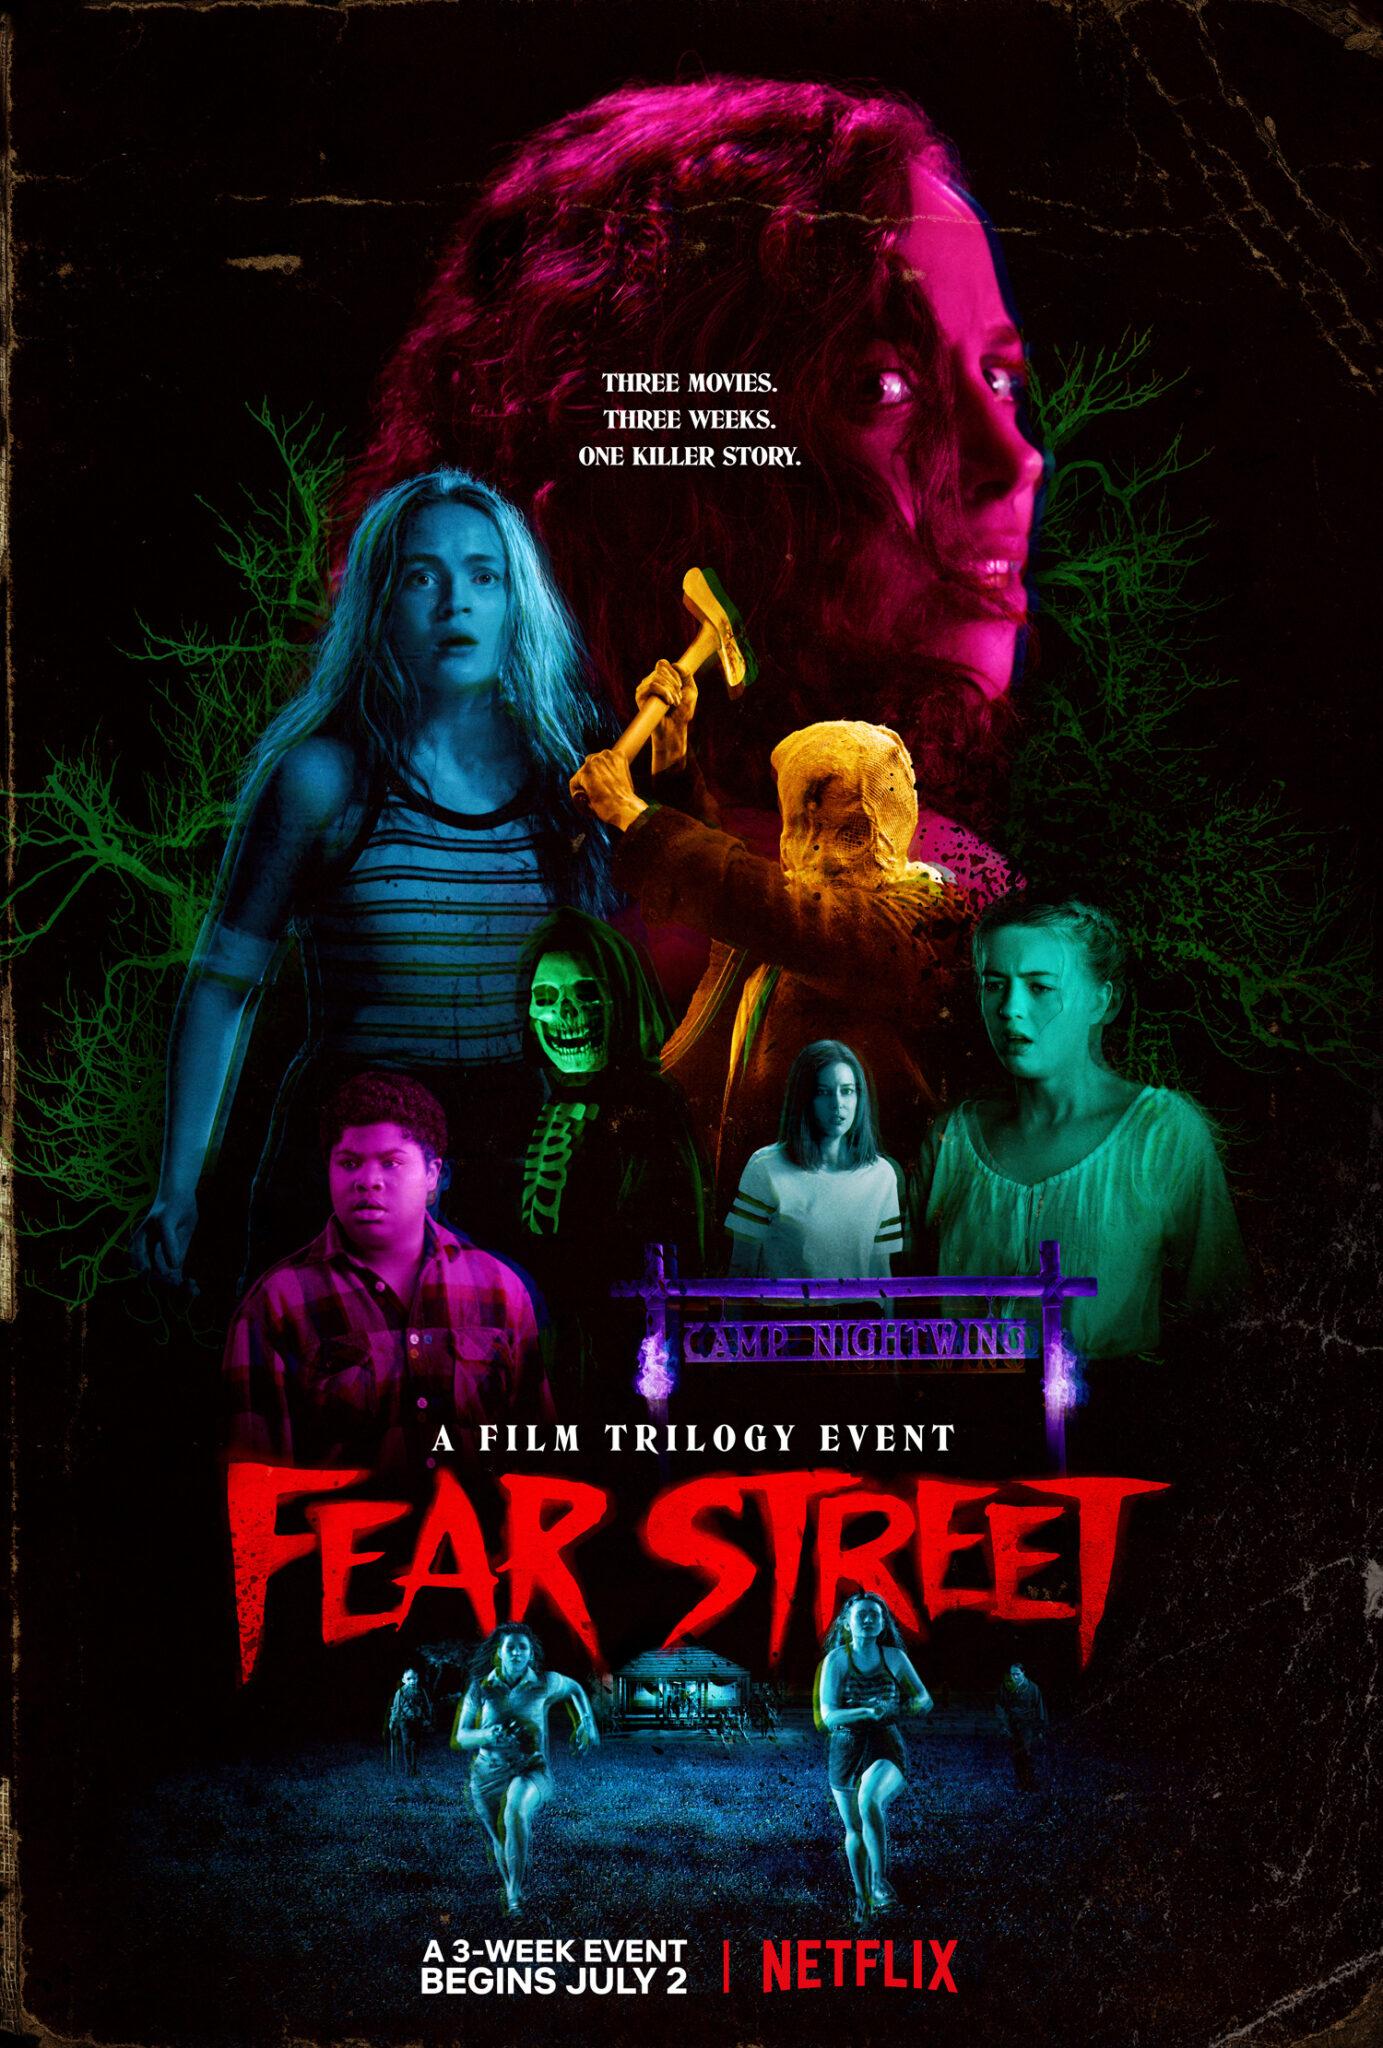 Das Poster zum Dreiteiler zeigt alle Hauptfiguren in Neonfarben und den Titel der Reihe : Fear Street